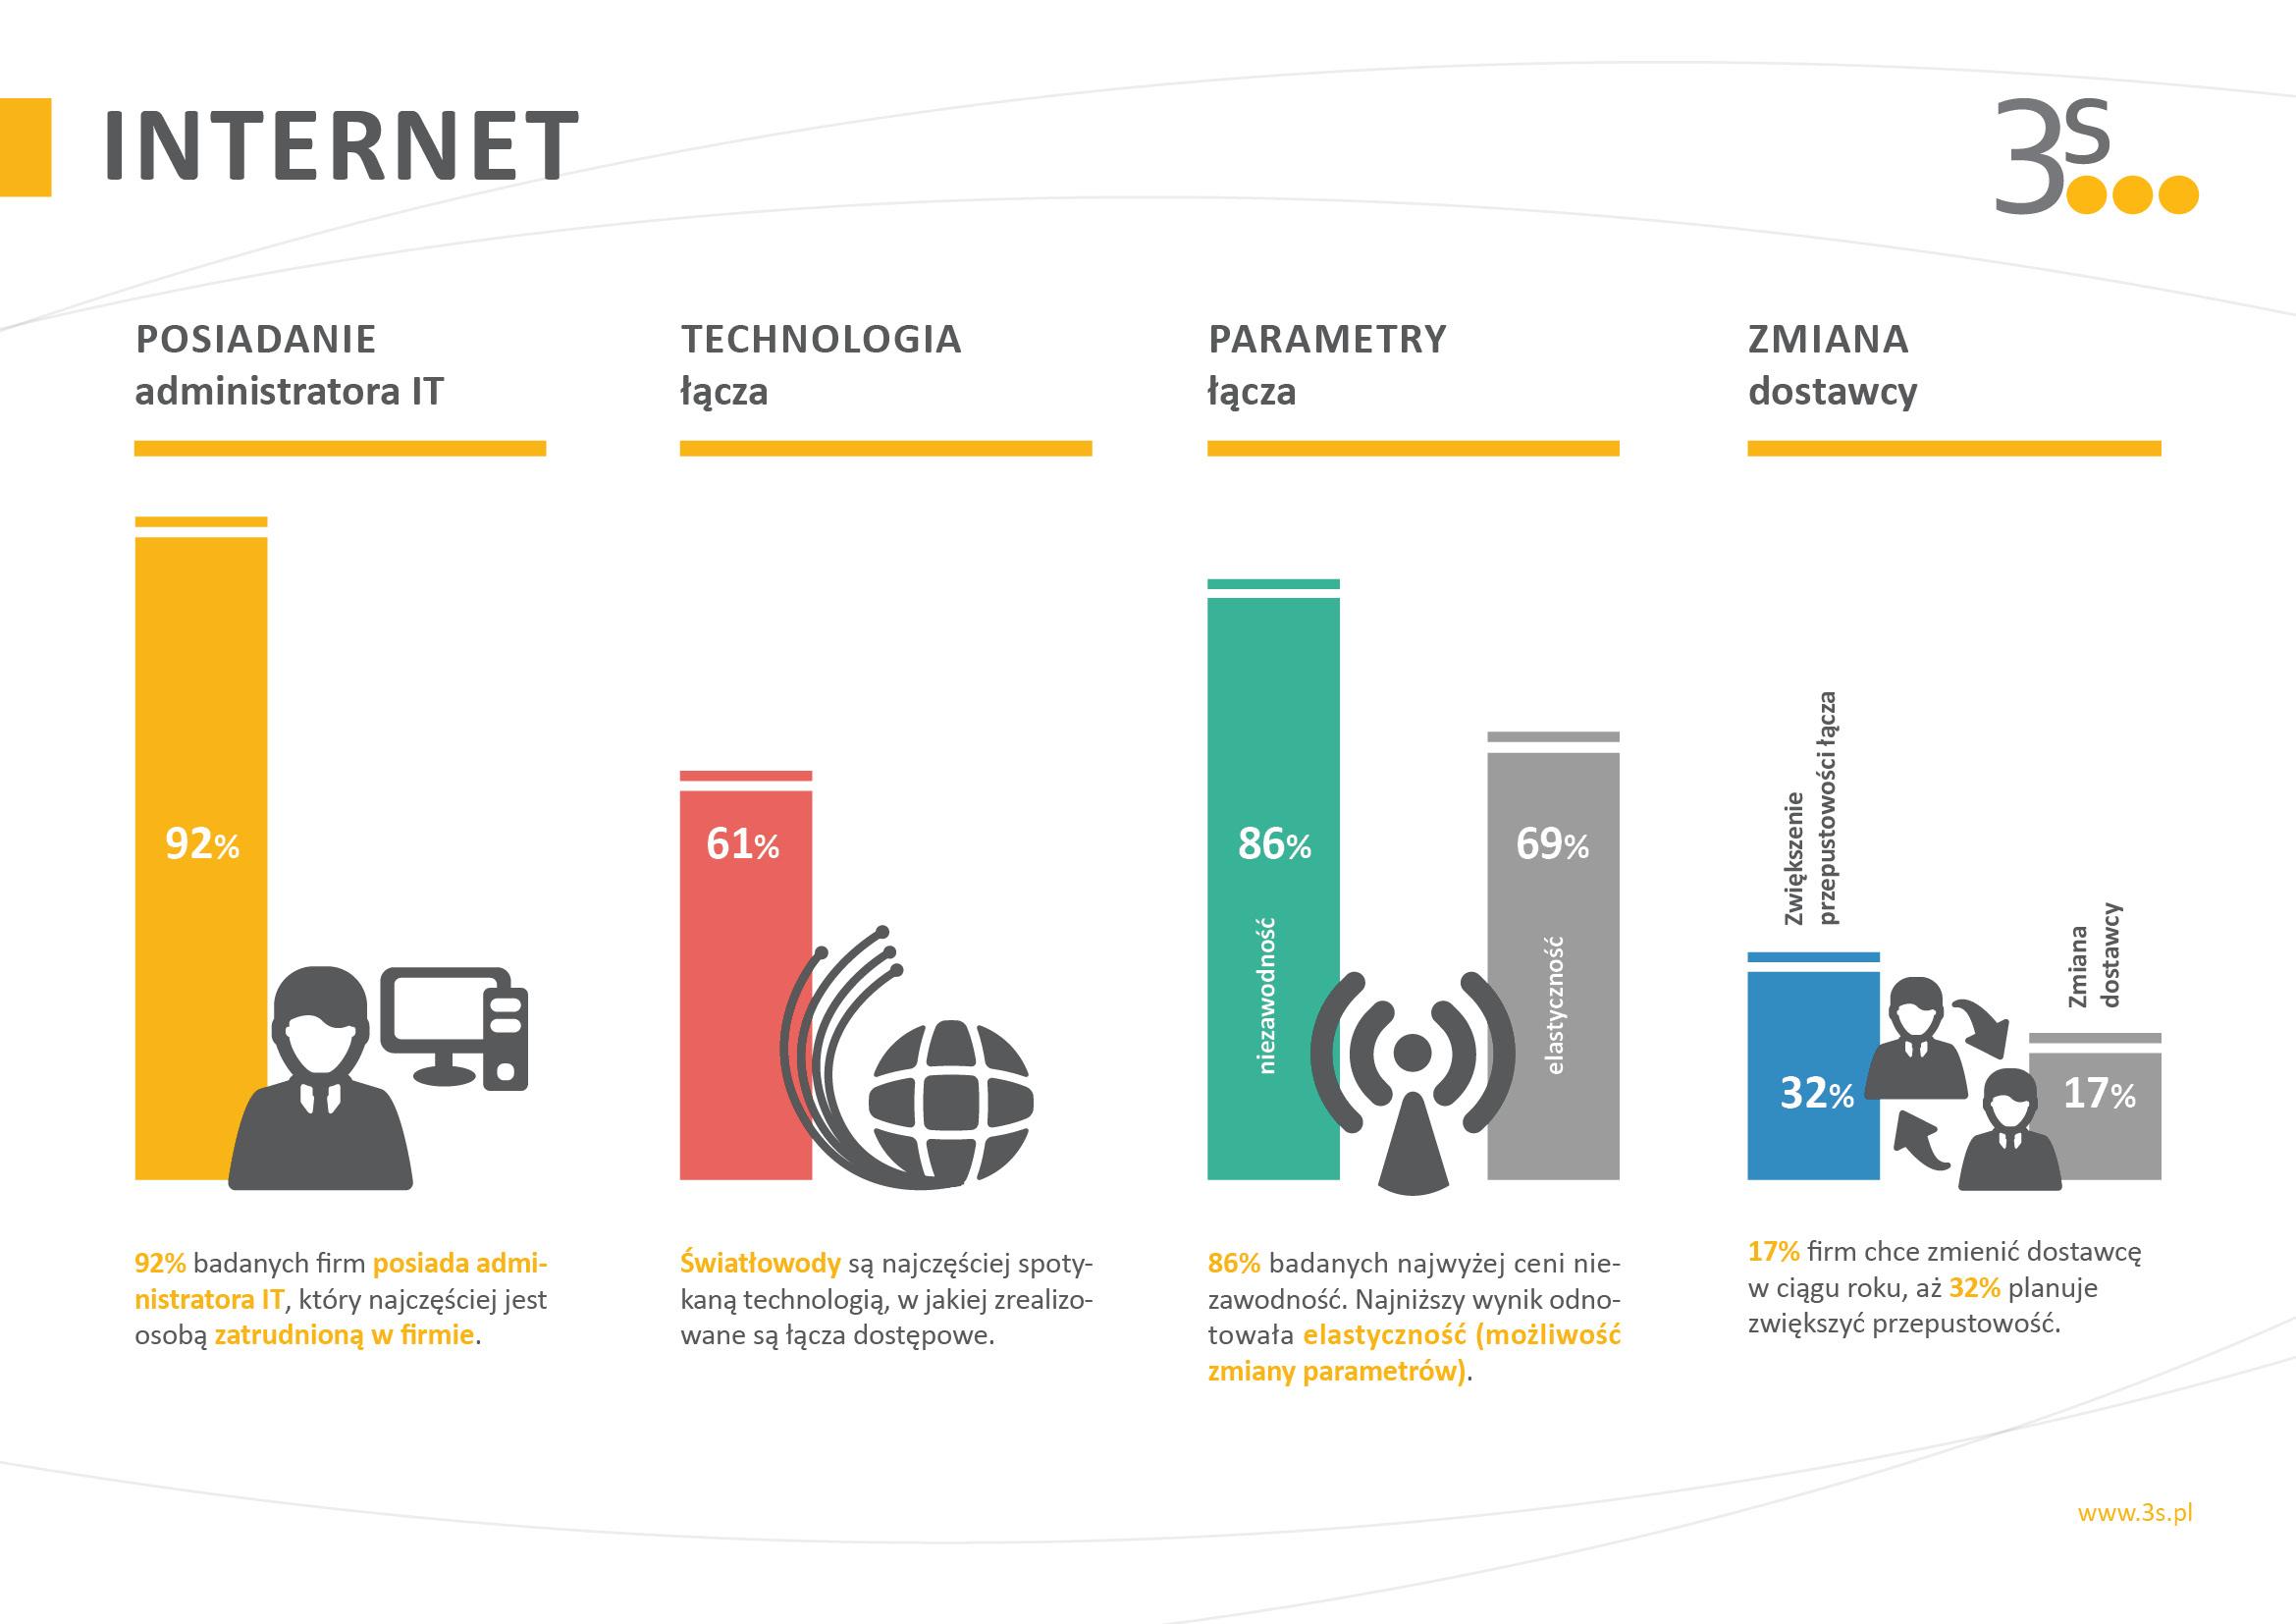 Firmy cenią lokalnych dostawców Internetu